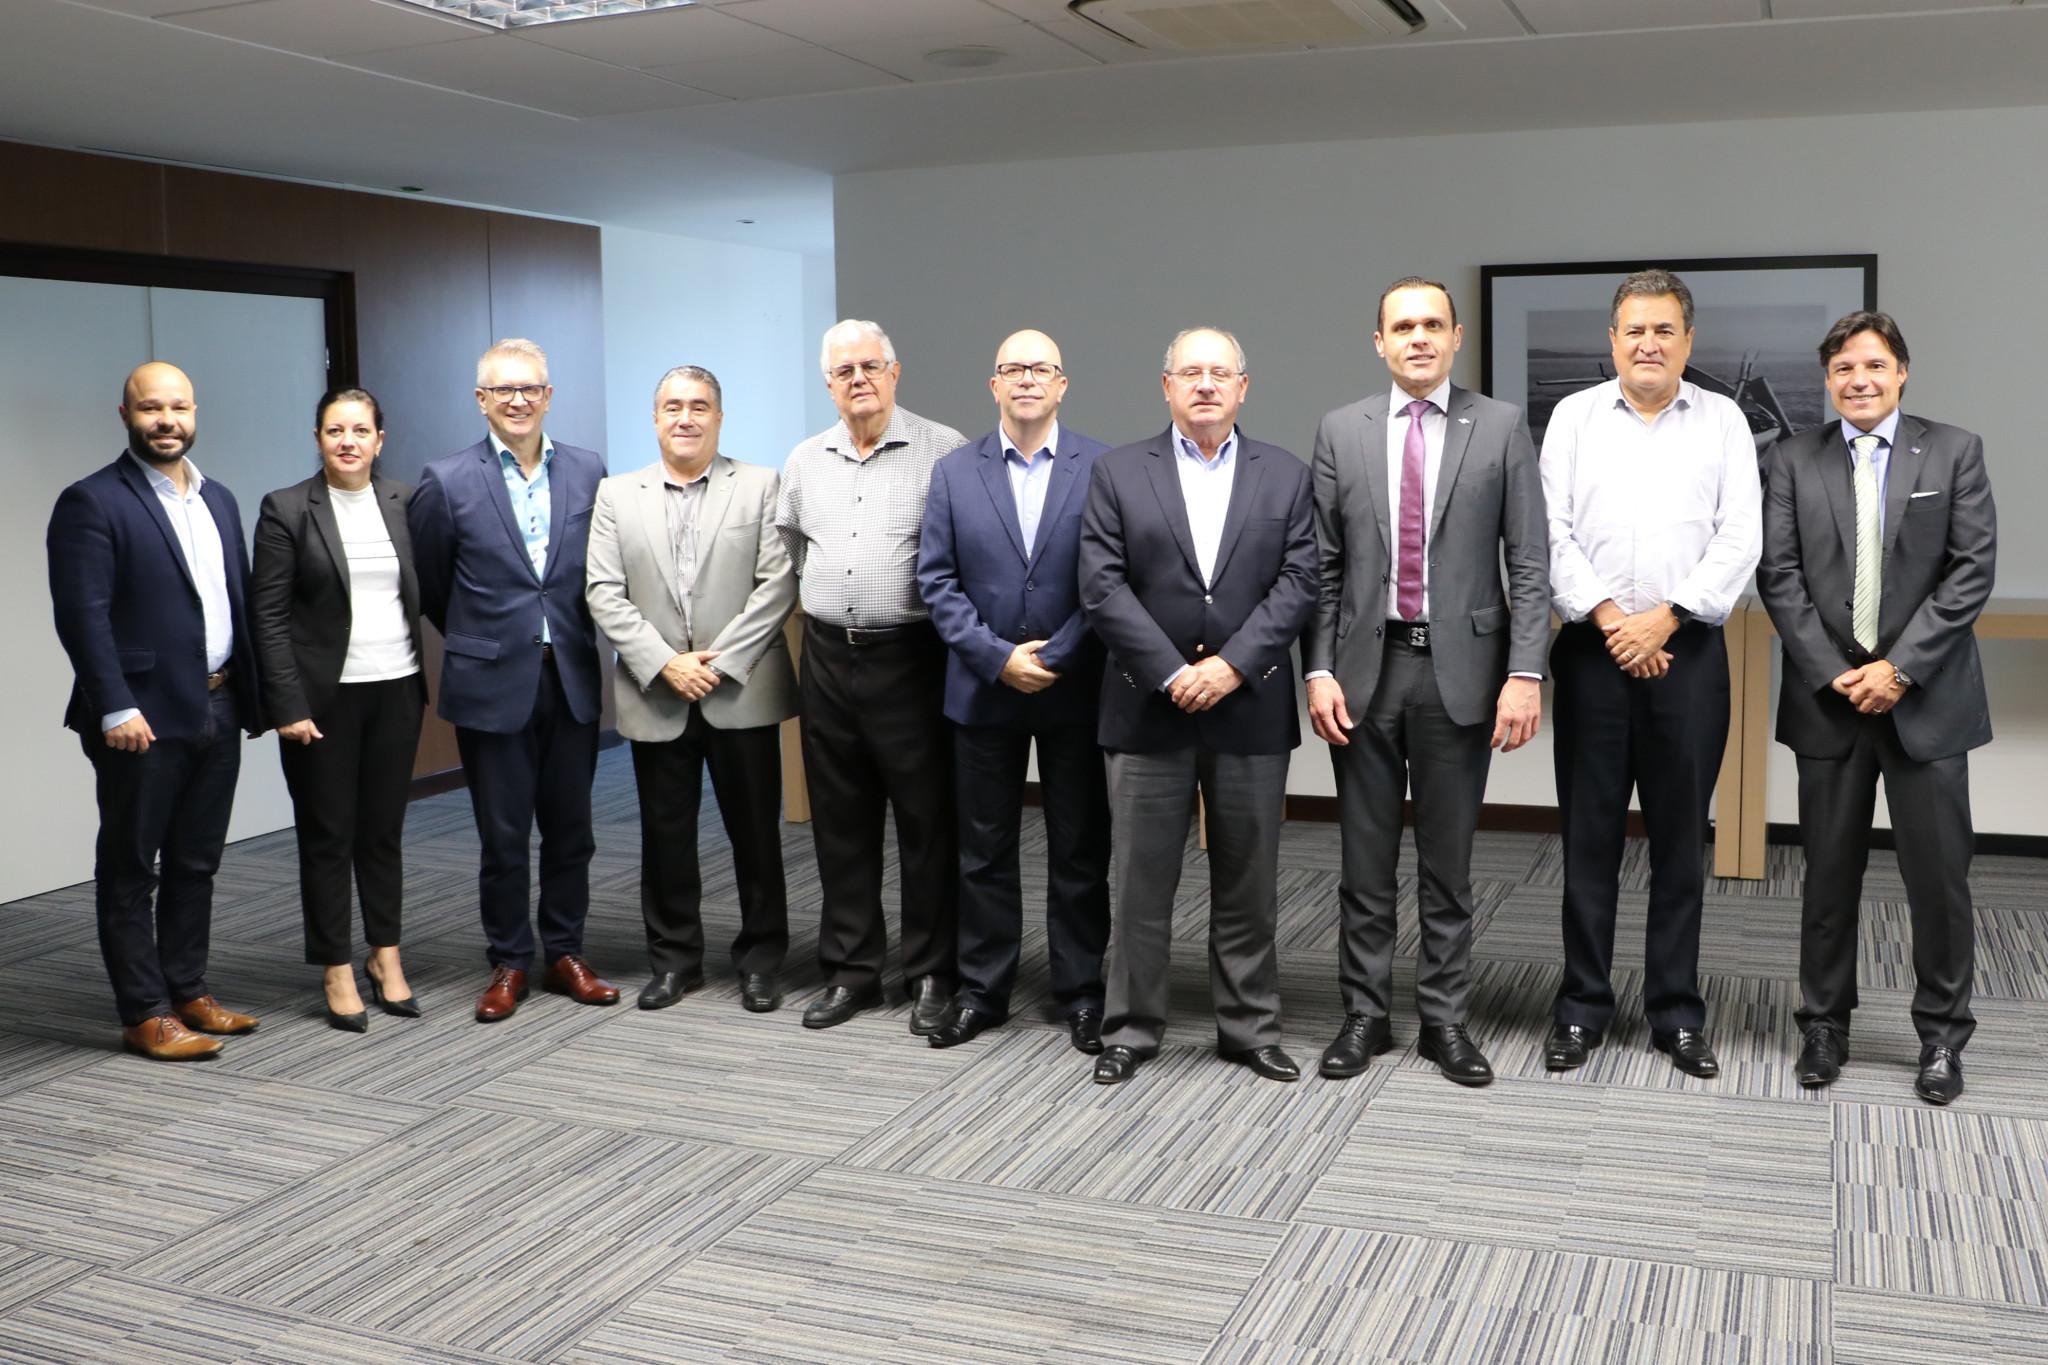 Reunião com a Diretoria Executiva e Presidência do Conselho Estadual – CDE – Florianópolis/SC